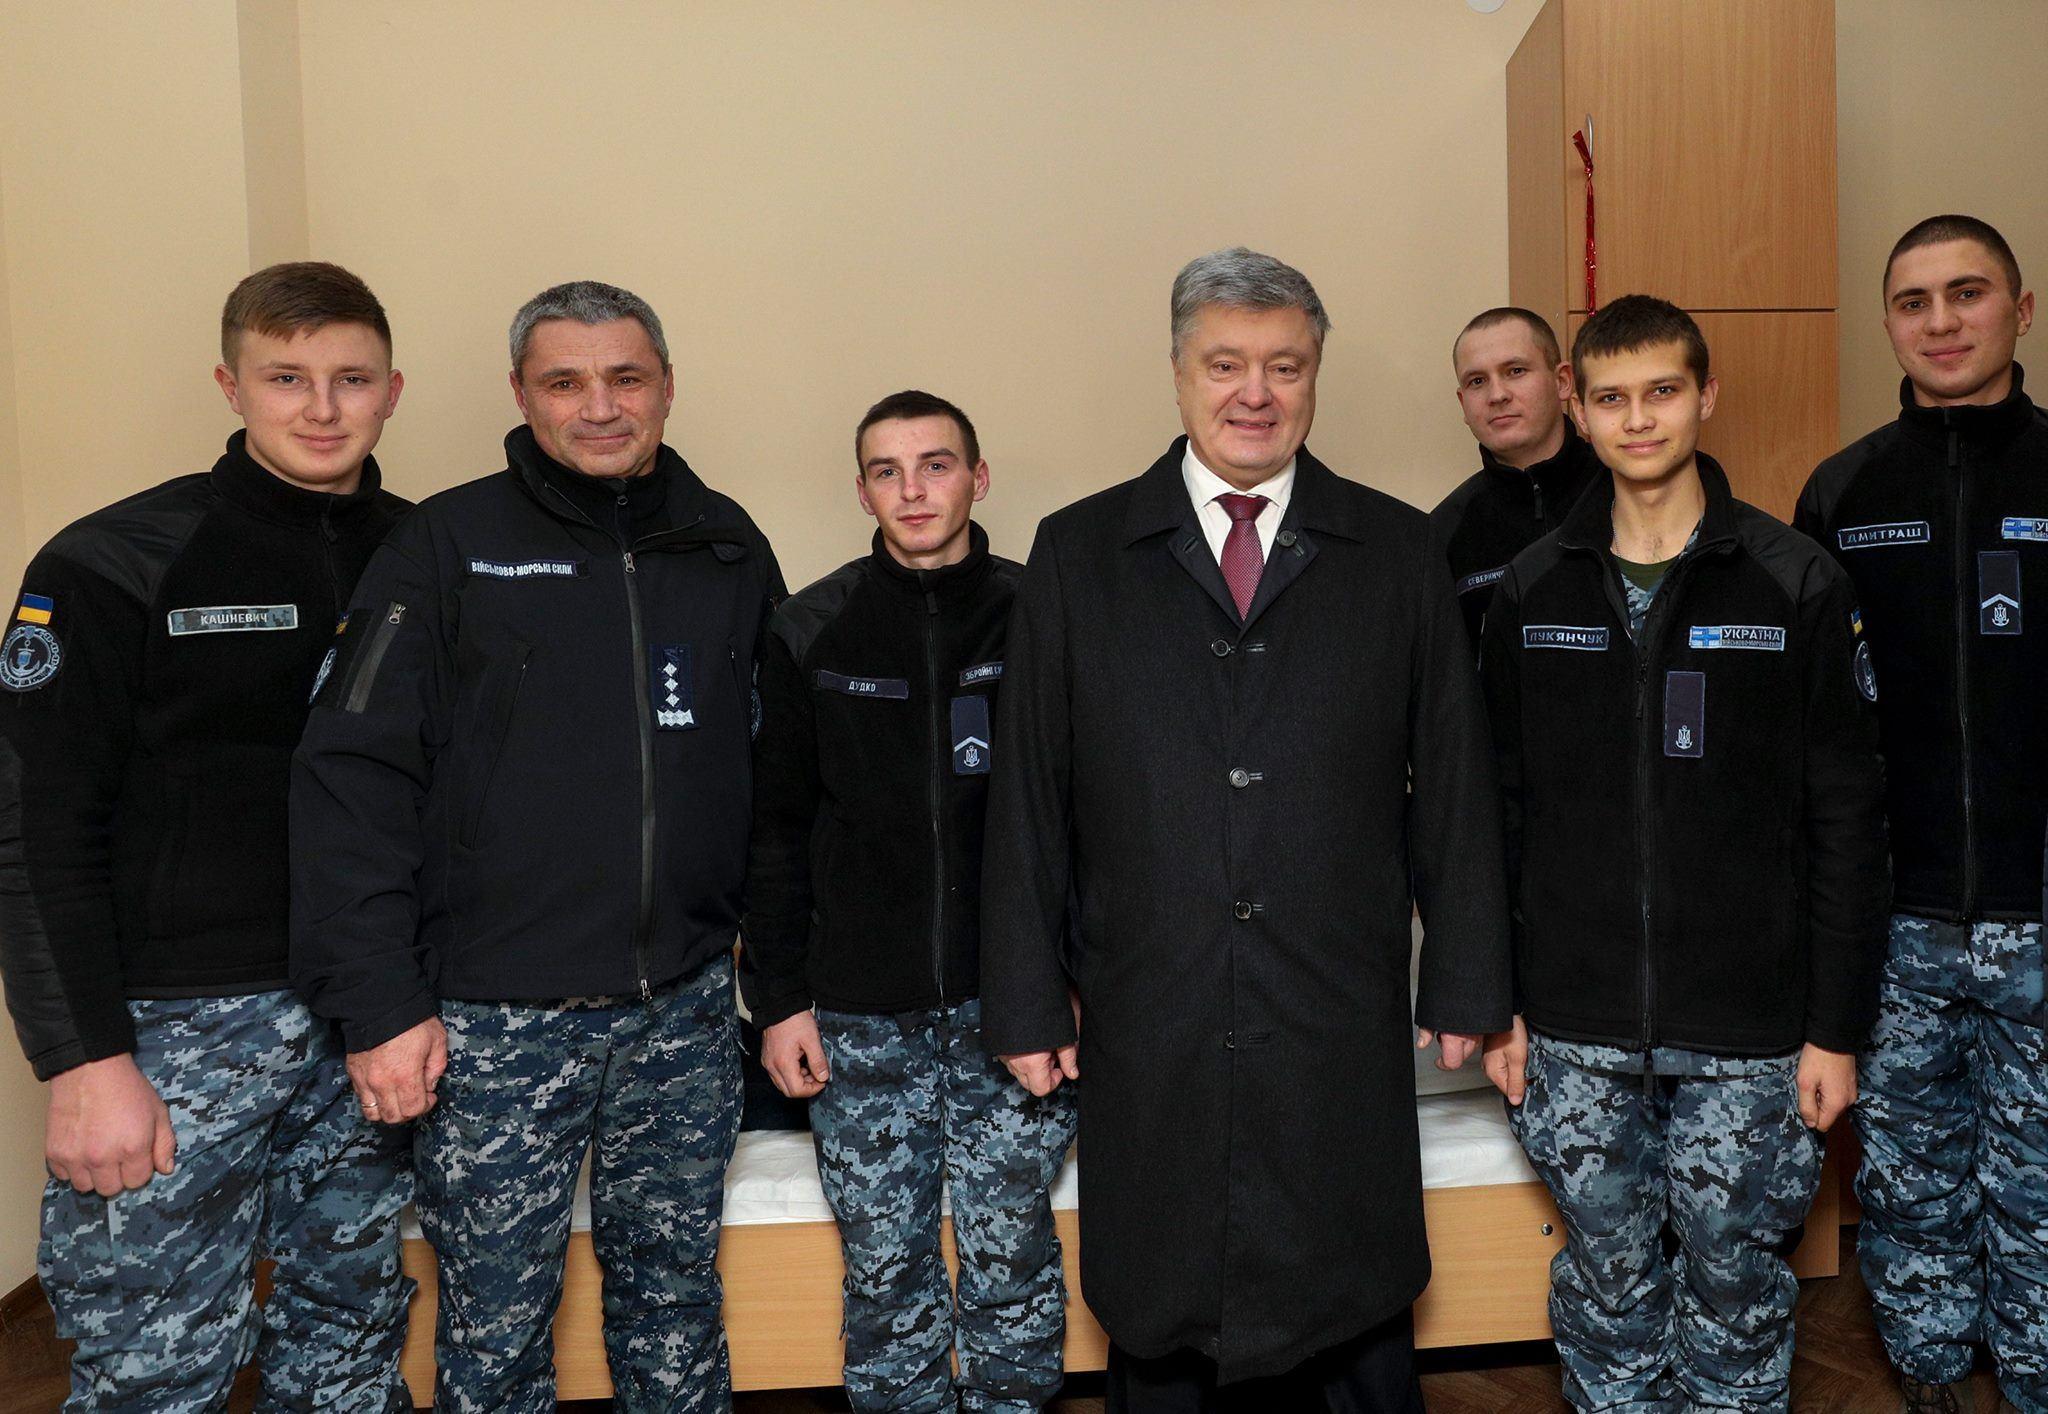 Усім звільненим морякам уже купили квартири, вони мешкатимуть в одному будинку, - заступник голови ОП Тимошенко - Цензор.НЕТ 3754